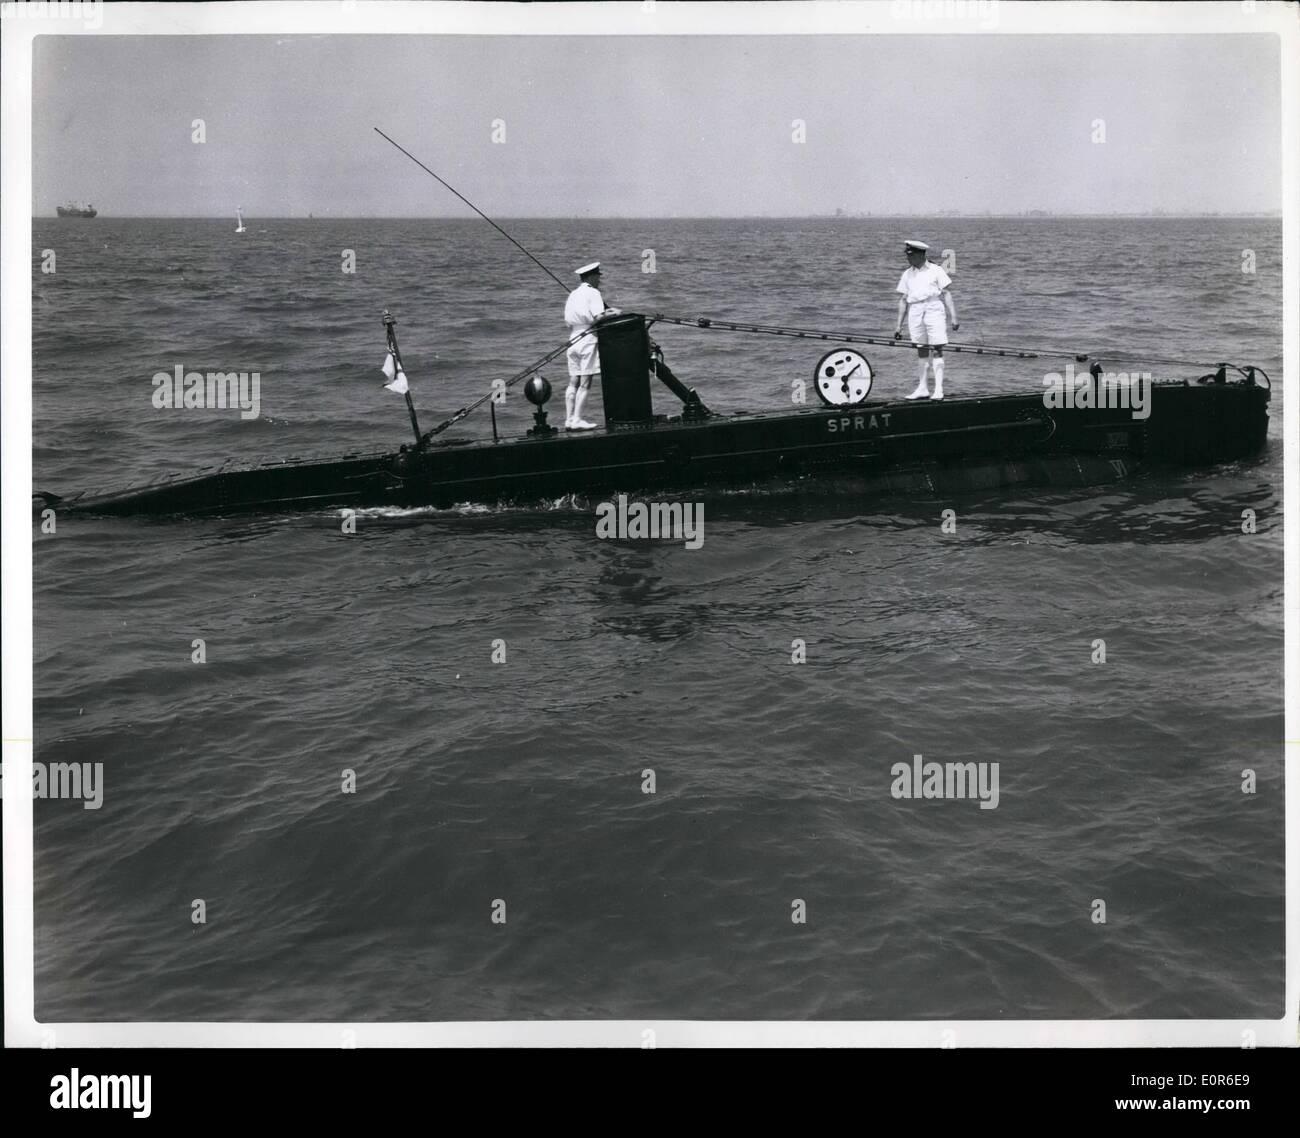 Jun. 06, 1958 - Lt. R.M Hodgson Rw left & Lt. D.A Thompson on Deck of RMS spray En route little Greek Amphibious Stock Photo